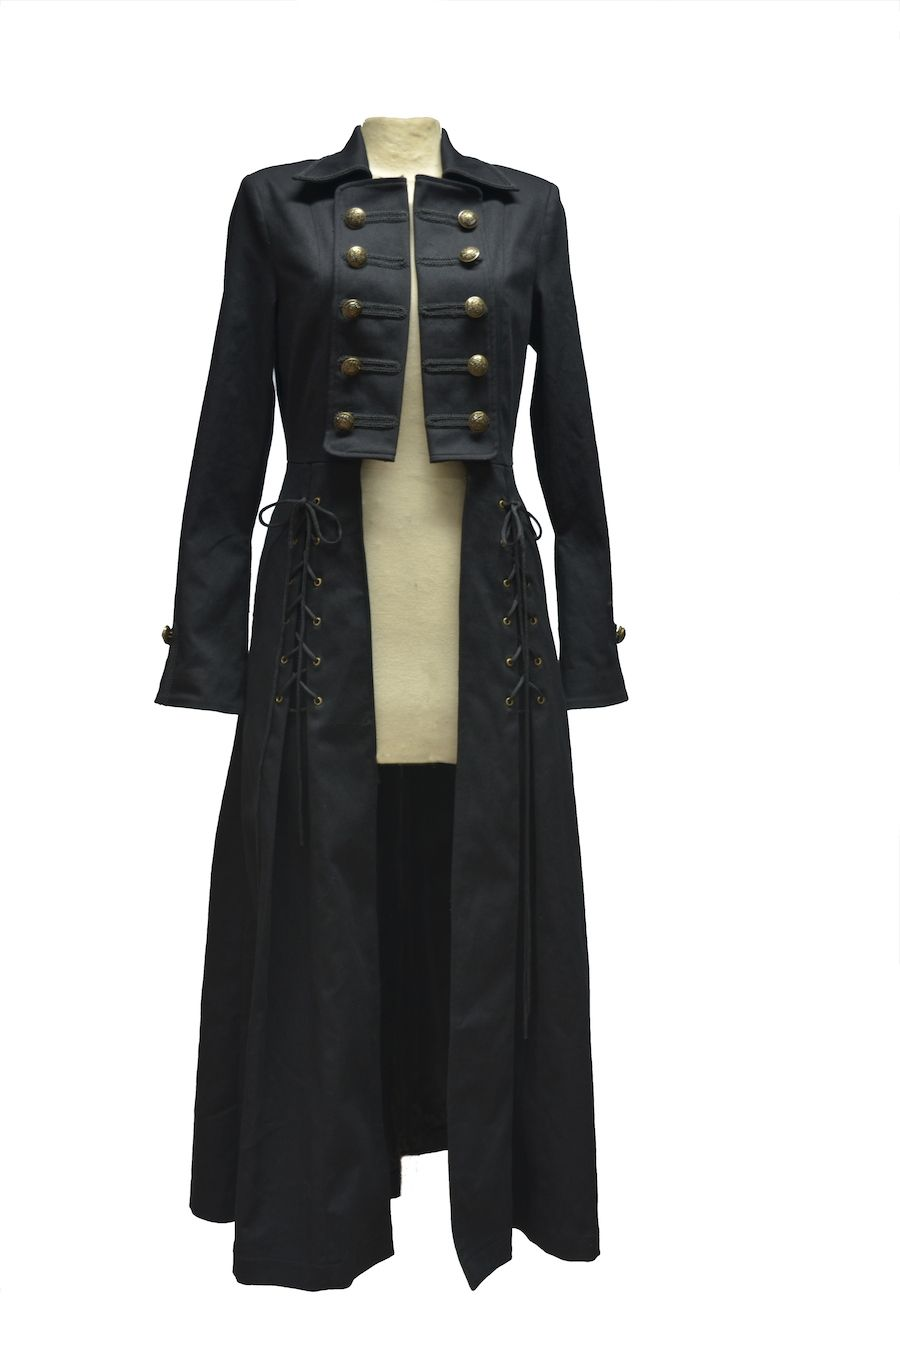 0dc49d8c6704 Manteau long Gothique Aristocrate Femme militaire Noir   Outfits in ...